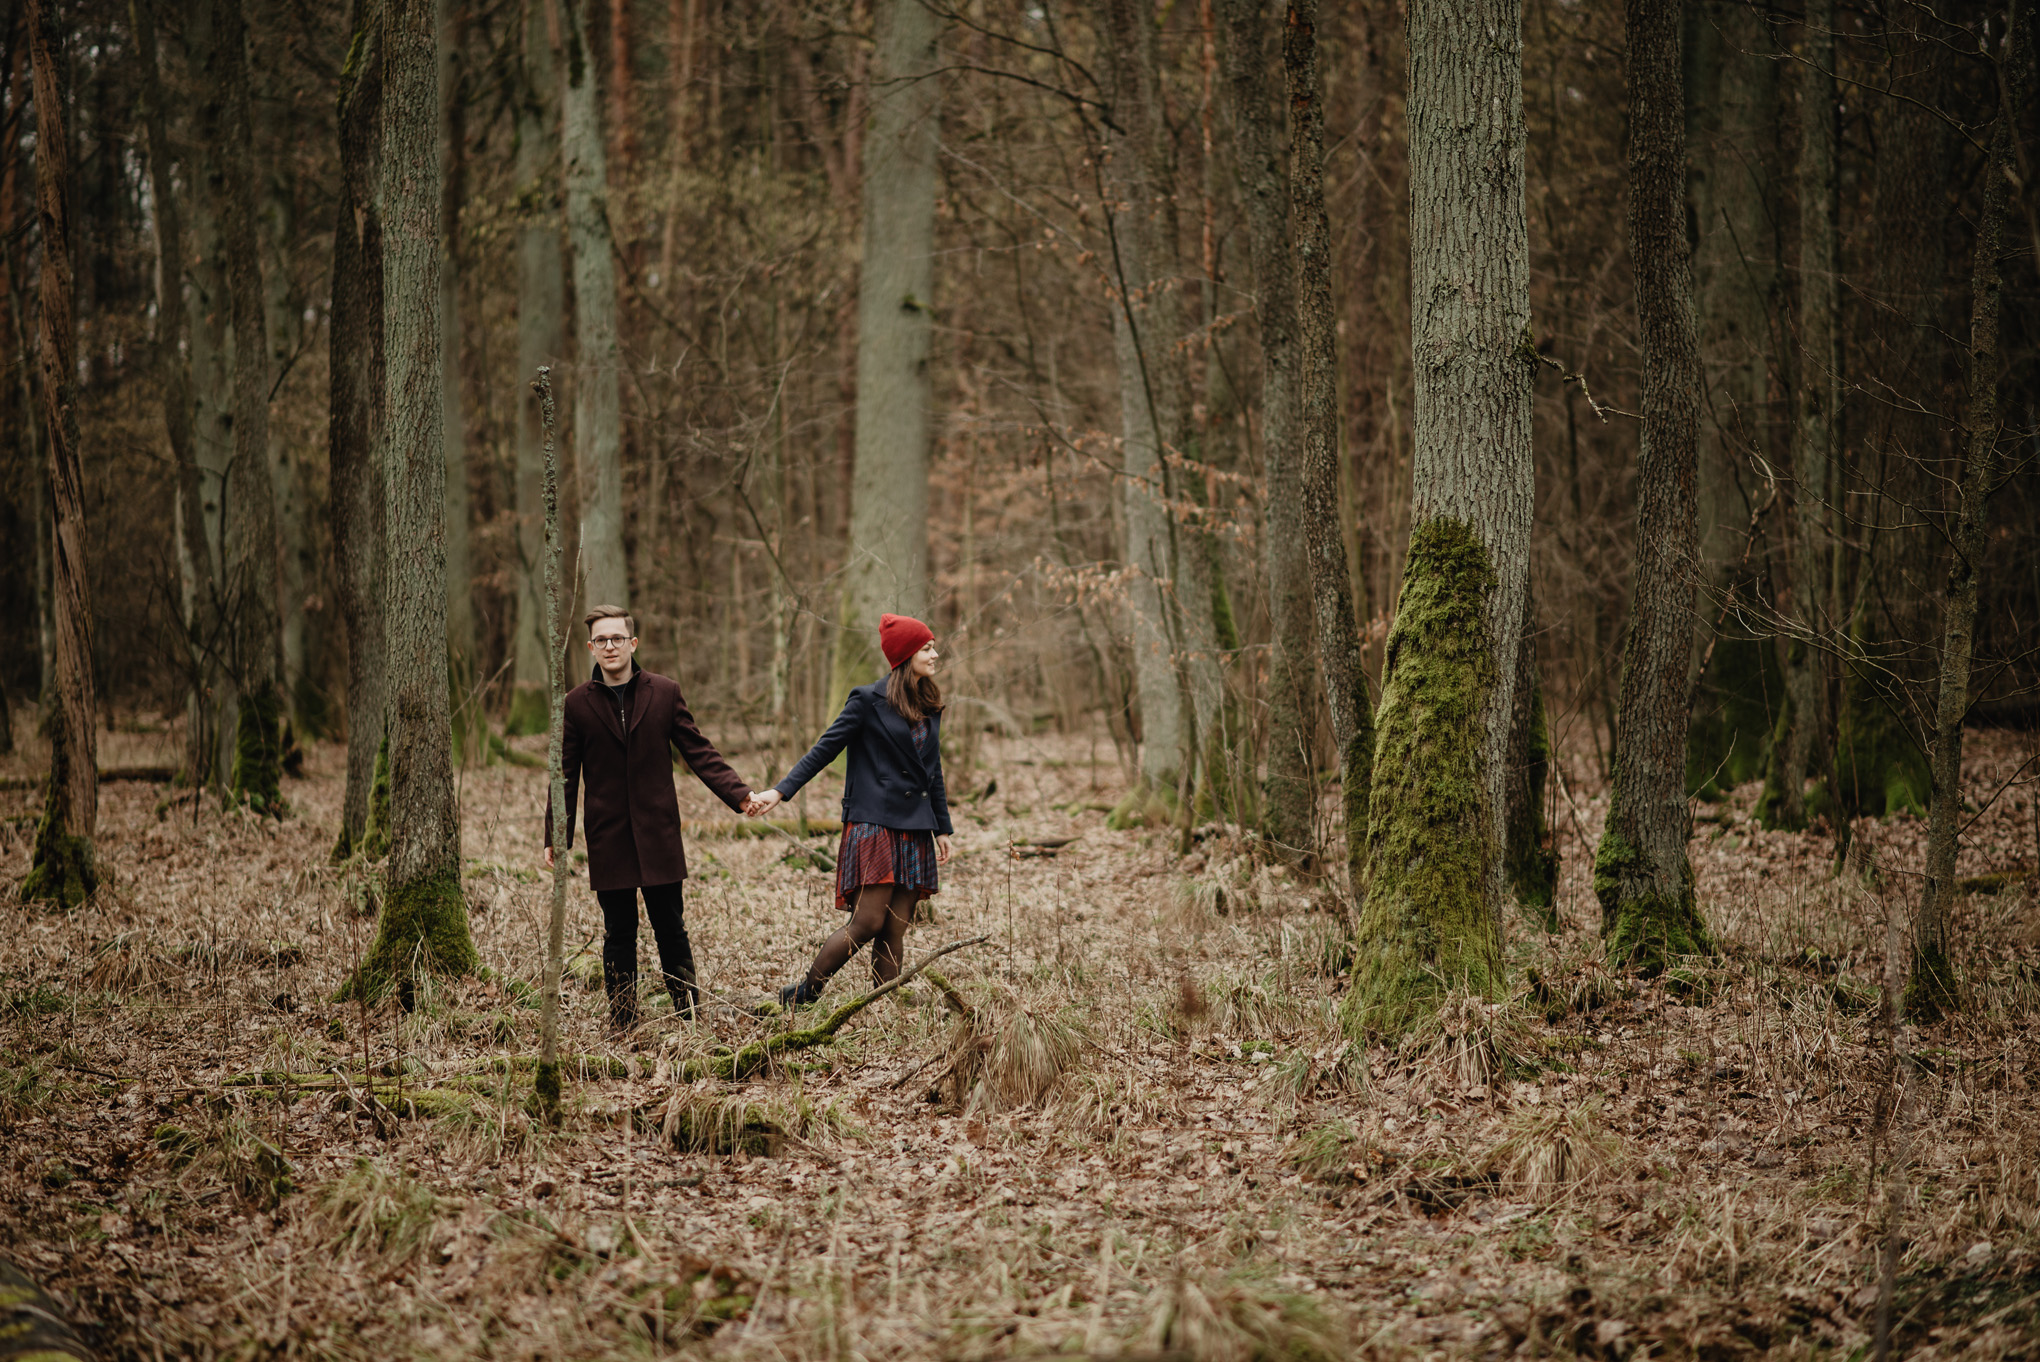 zagubieni w lesie